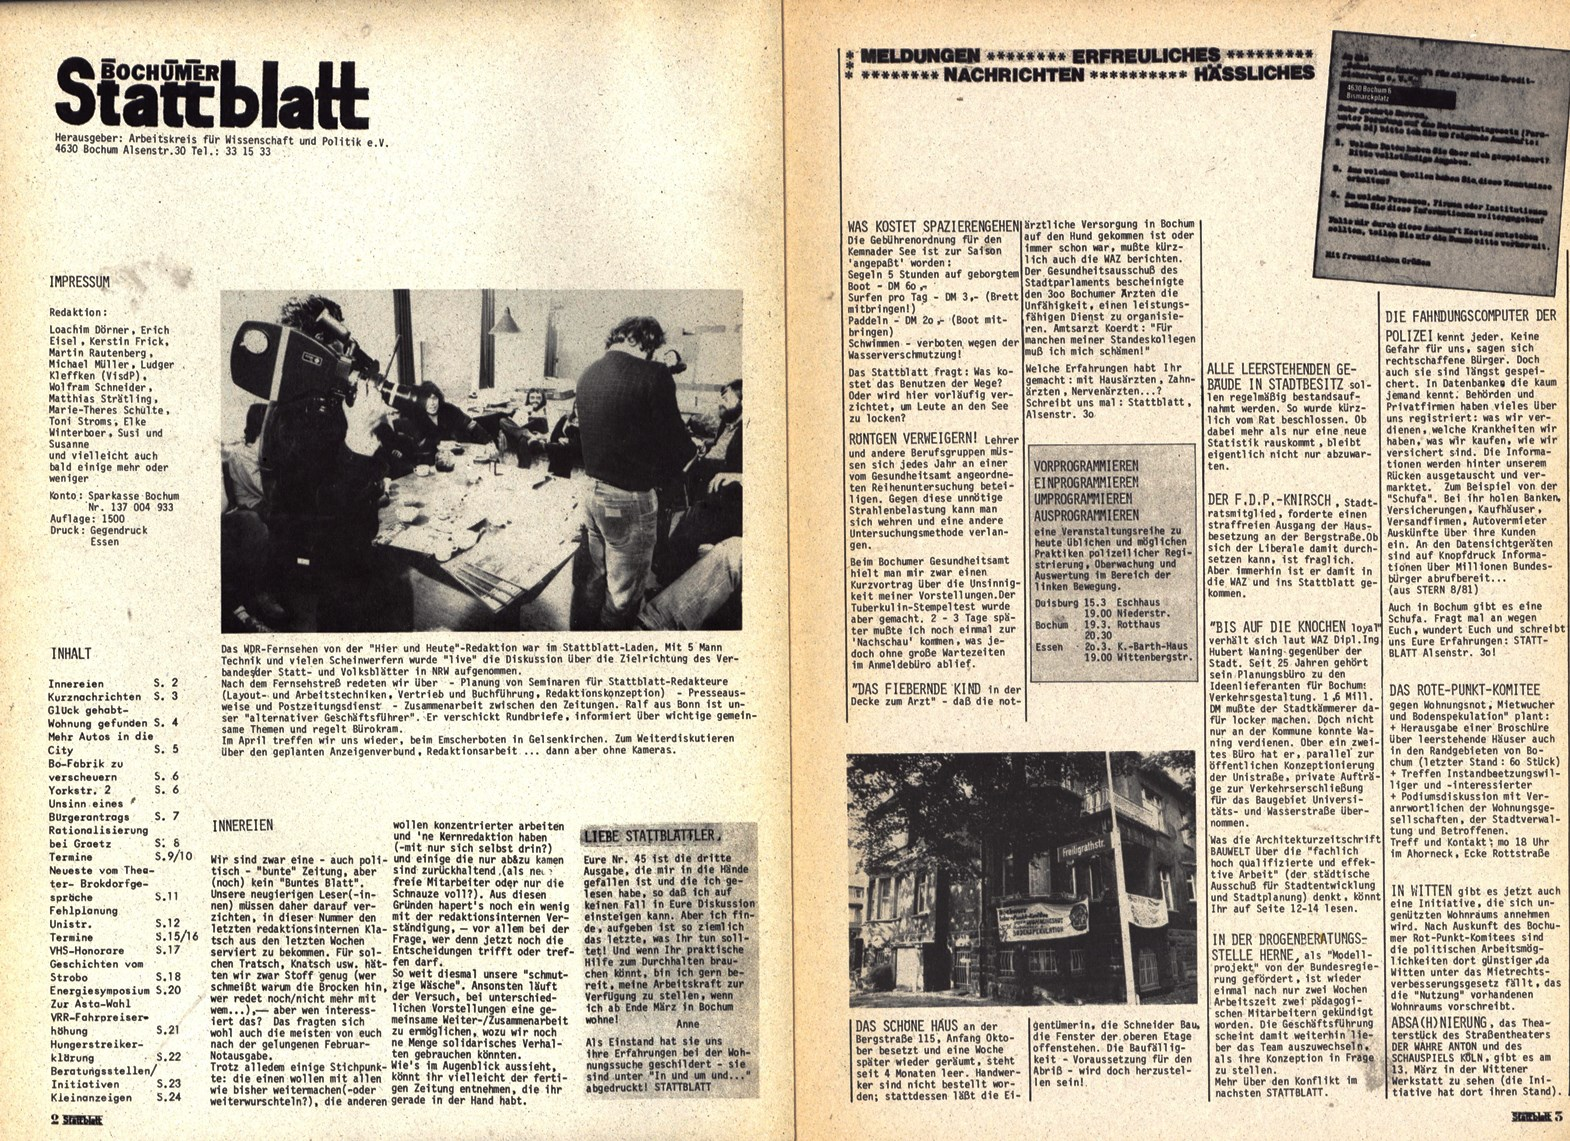 Bochum_Stattblatt_19810300_46_02